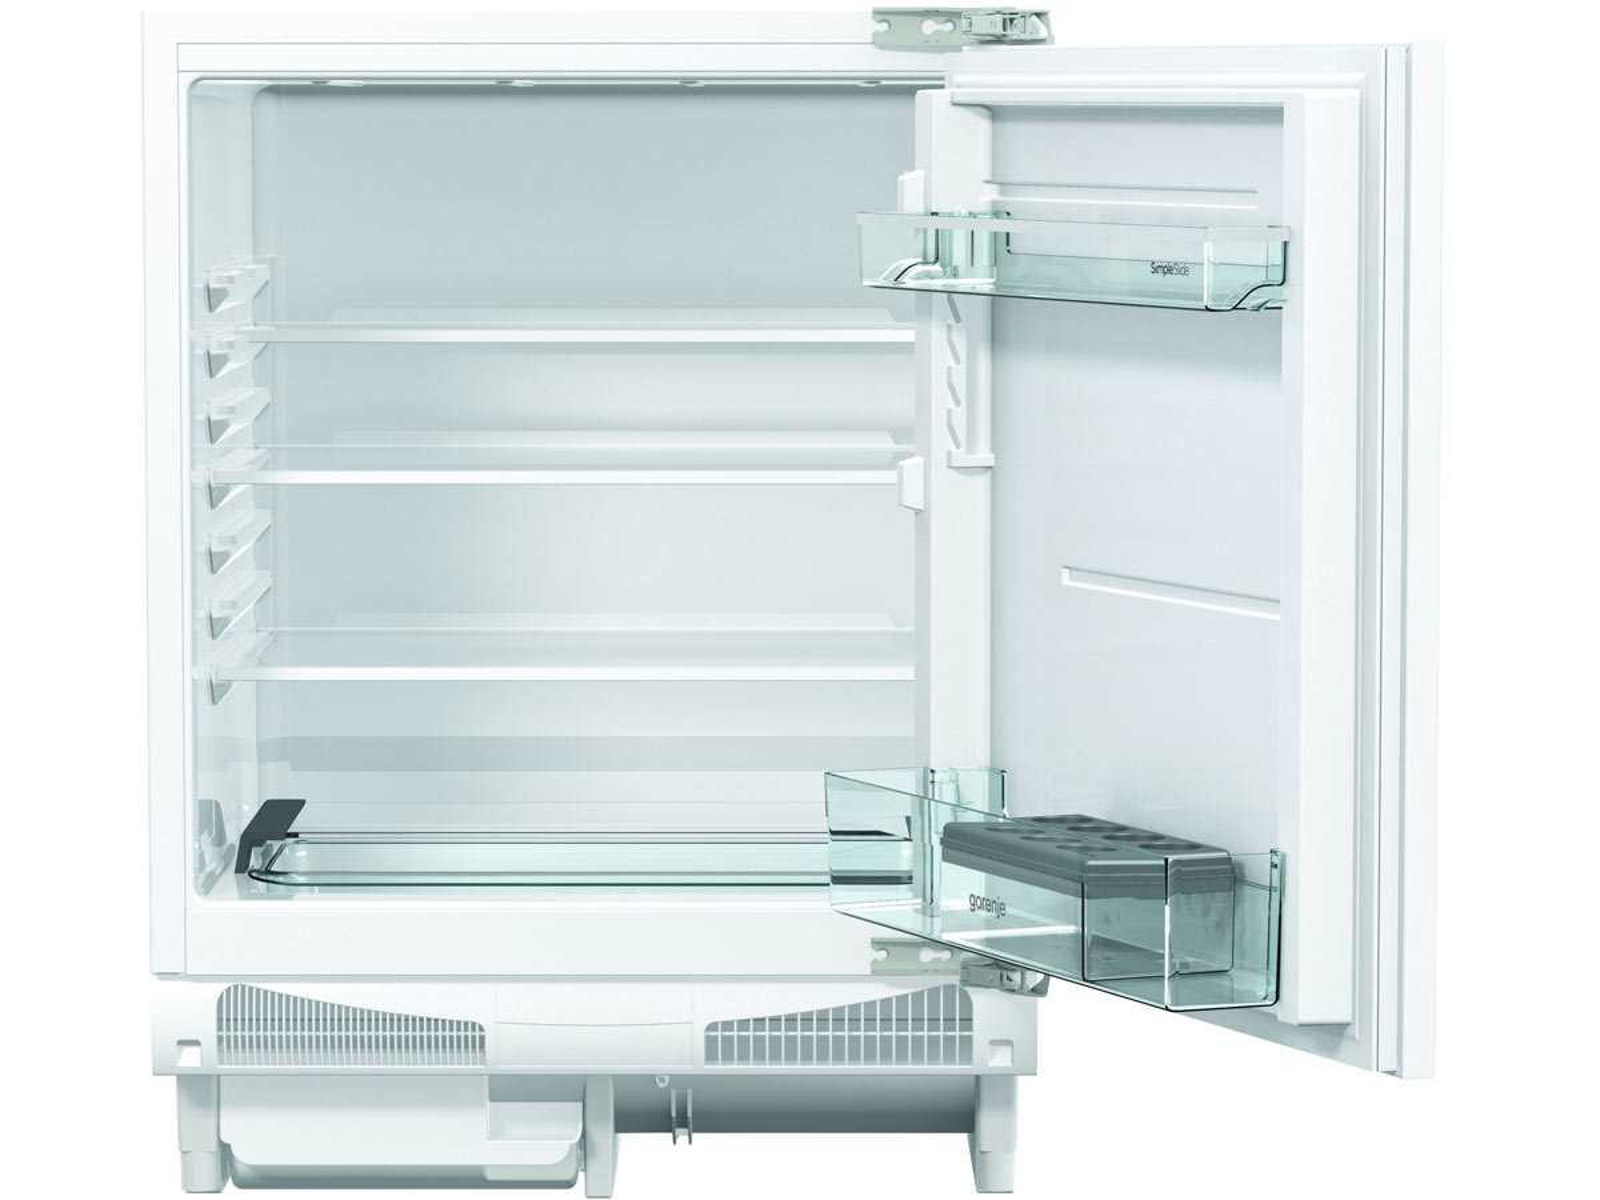 Smeg Unterbau Kühlschrank : Unterbau kühlschrank joan cowen